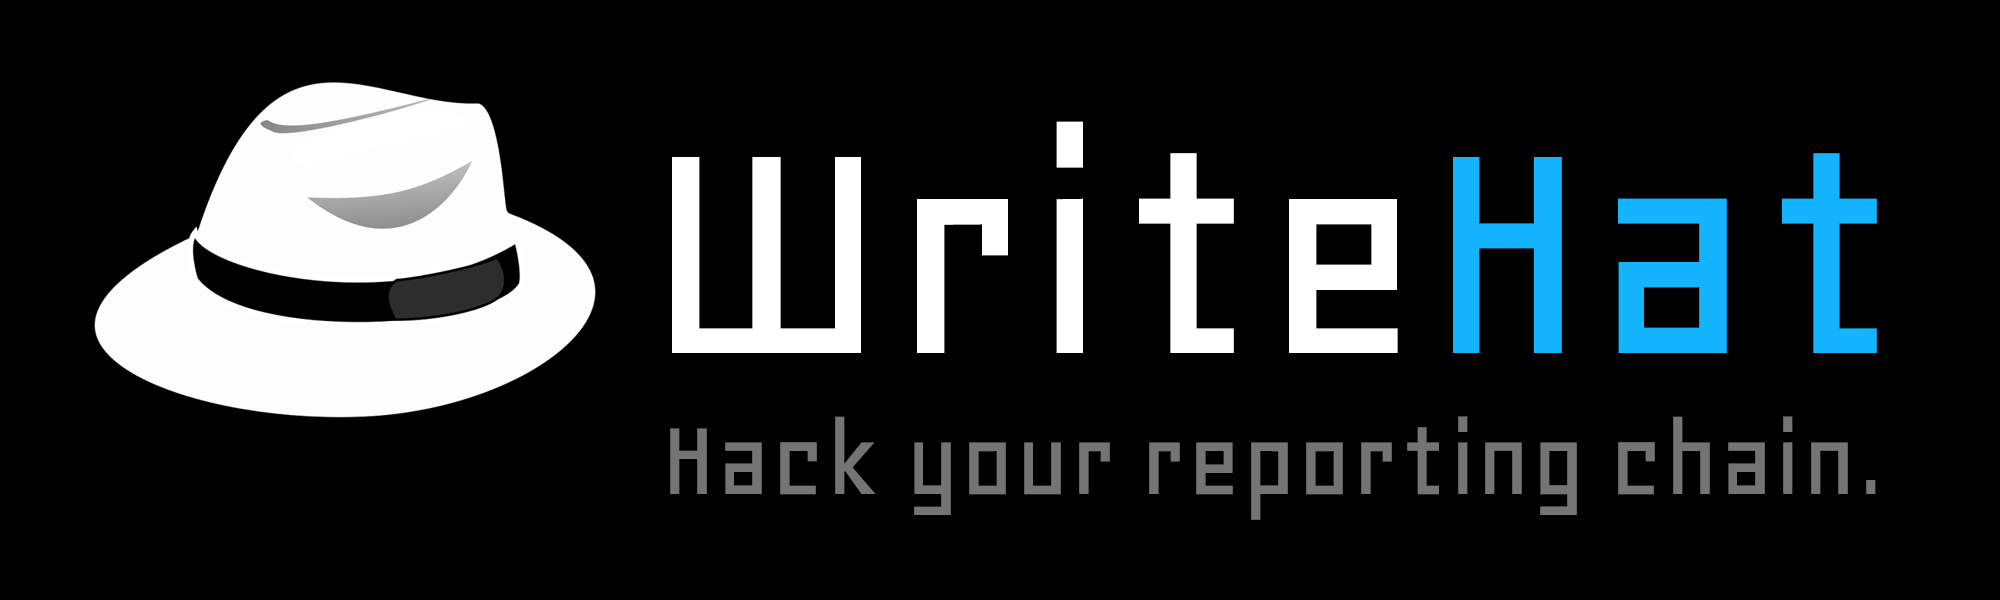 WriteHat